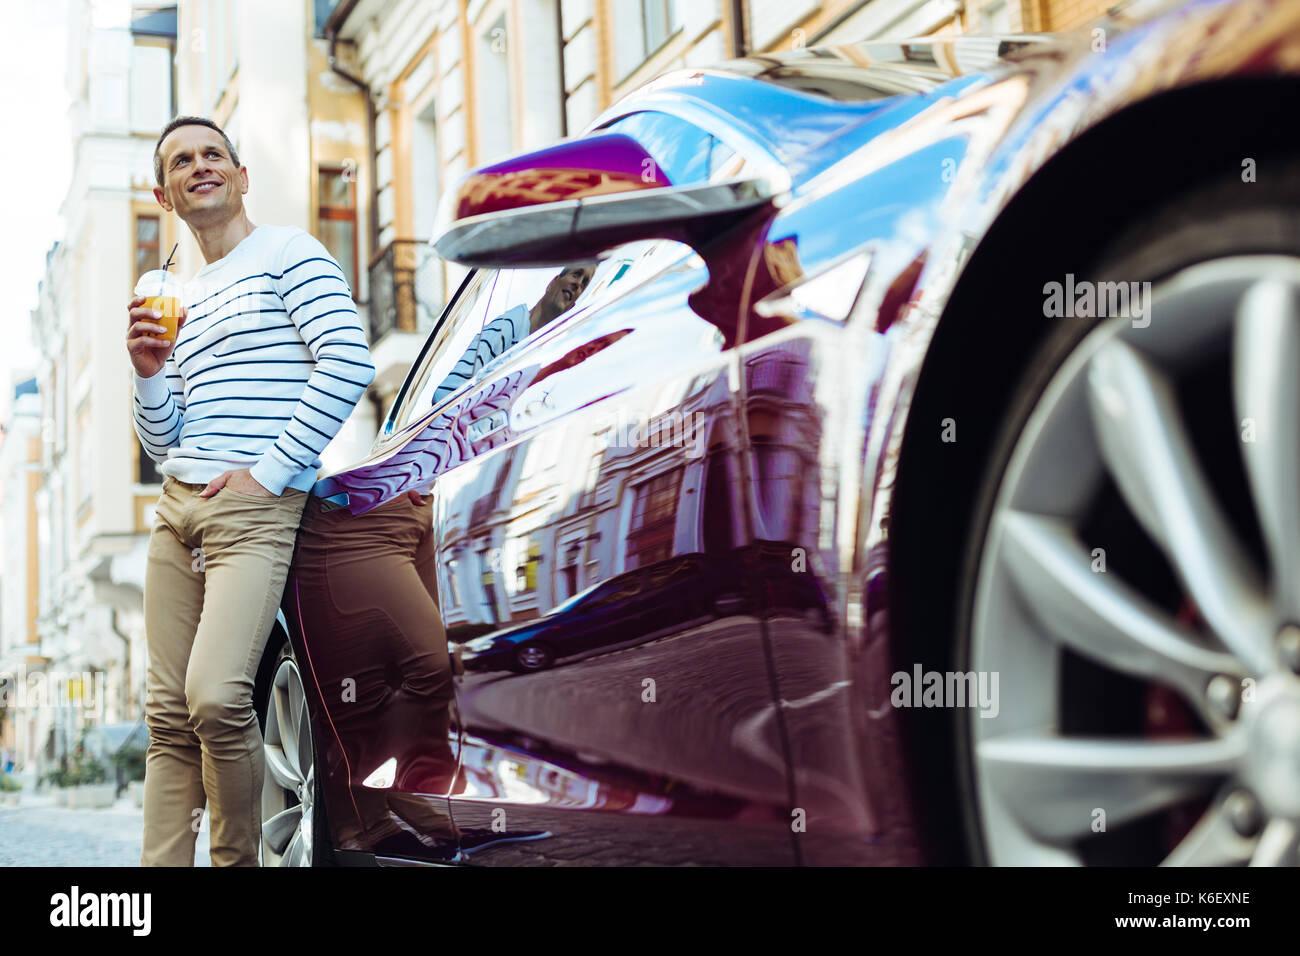 Freundliche nette Mann in der Nähe von seinem Auto ruhen Stockbild